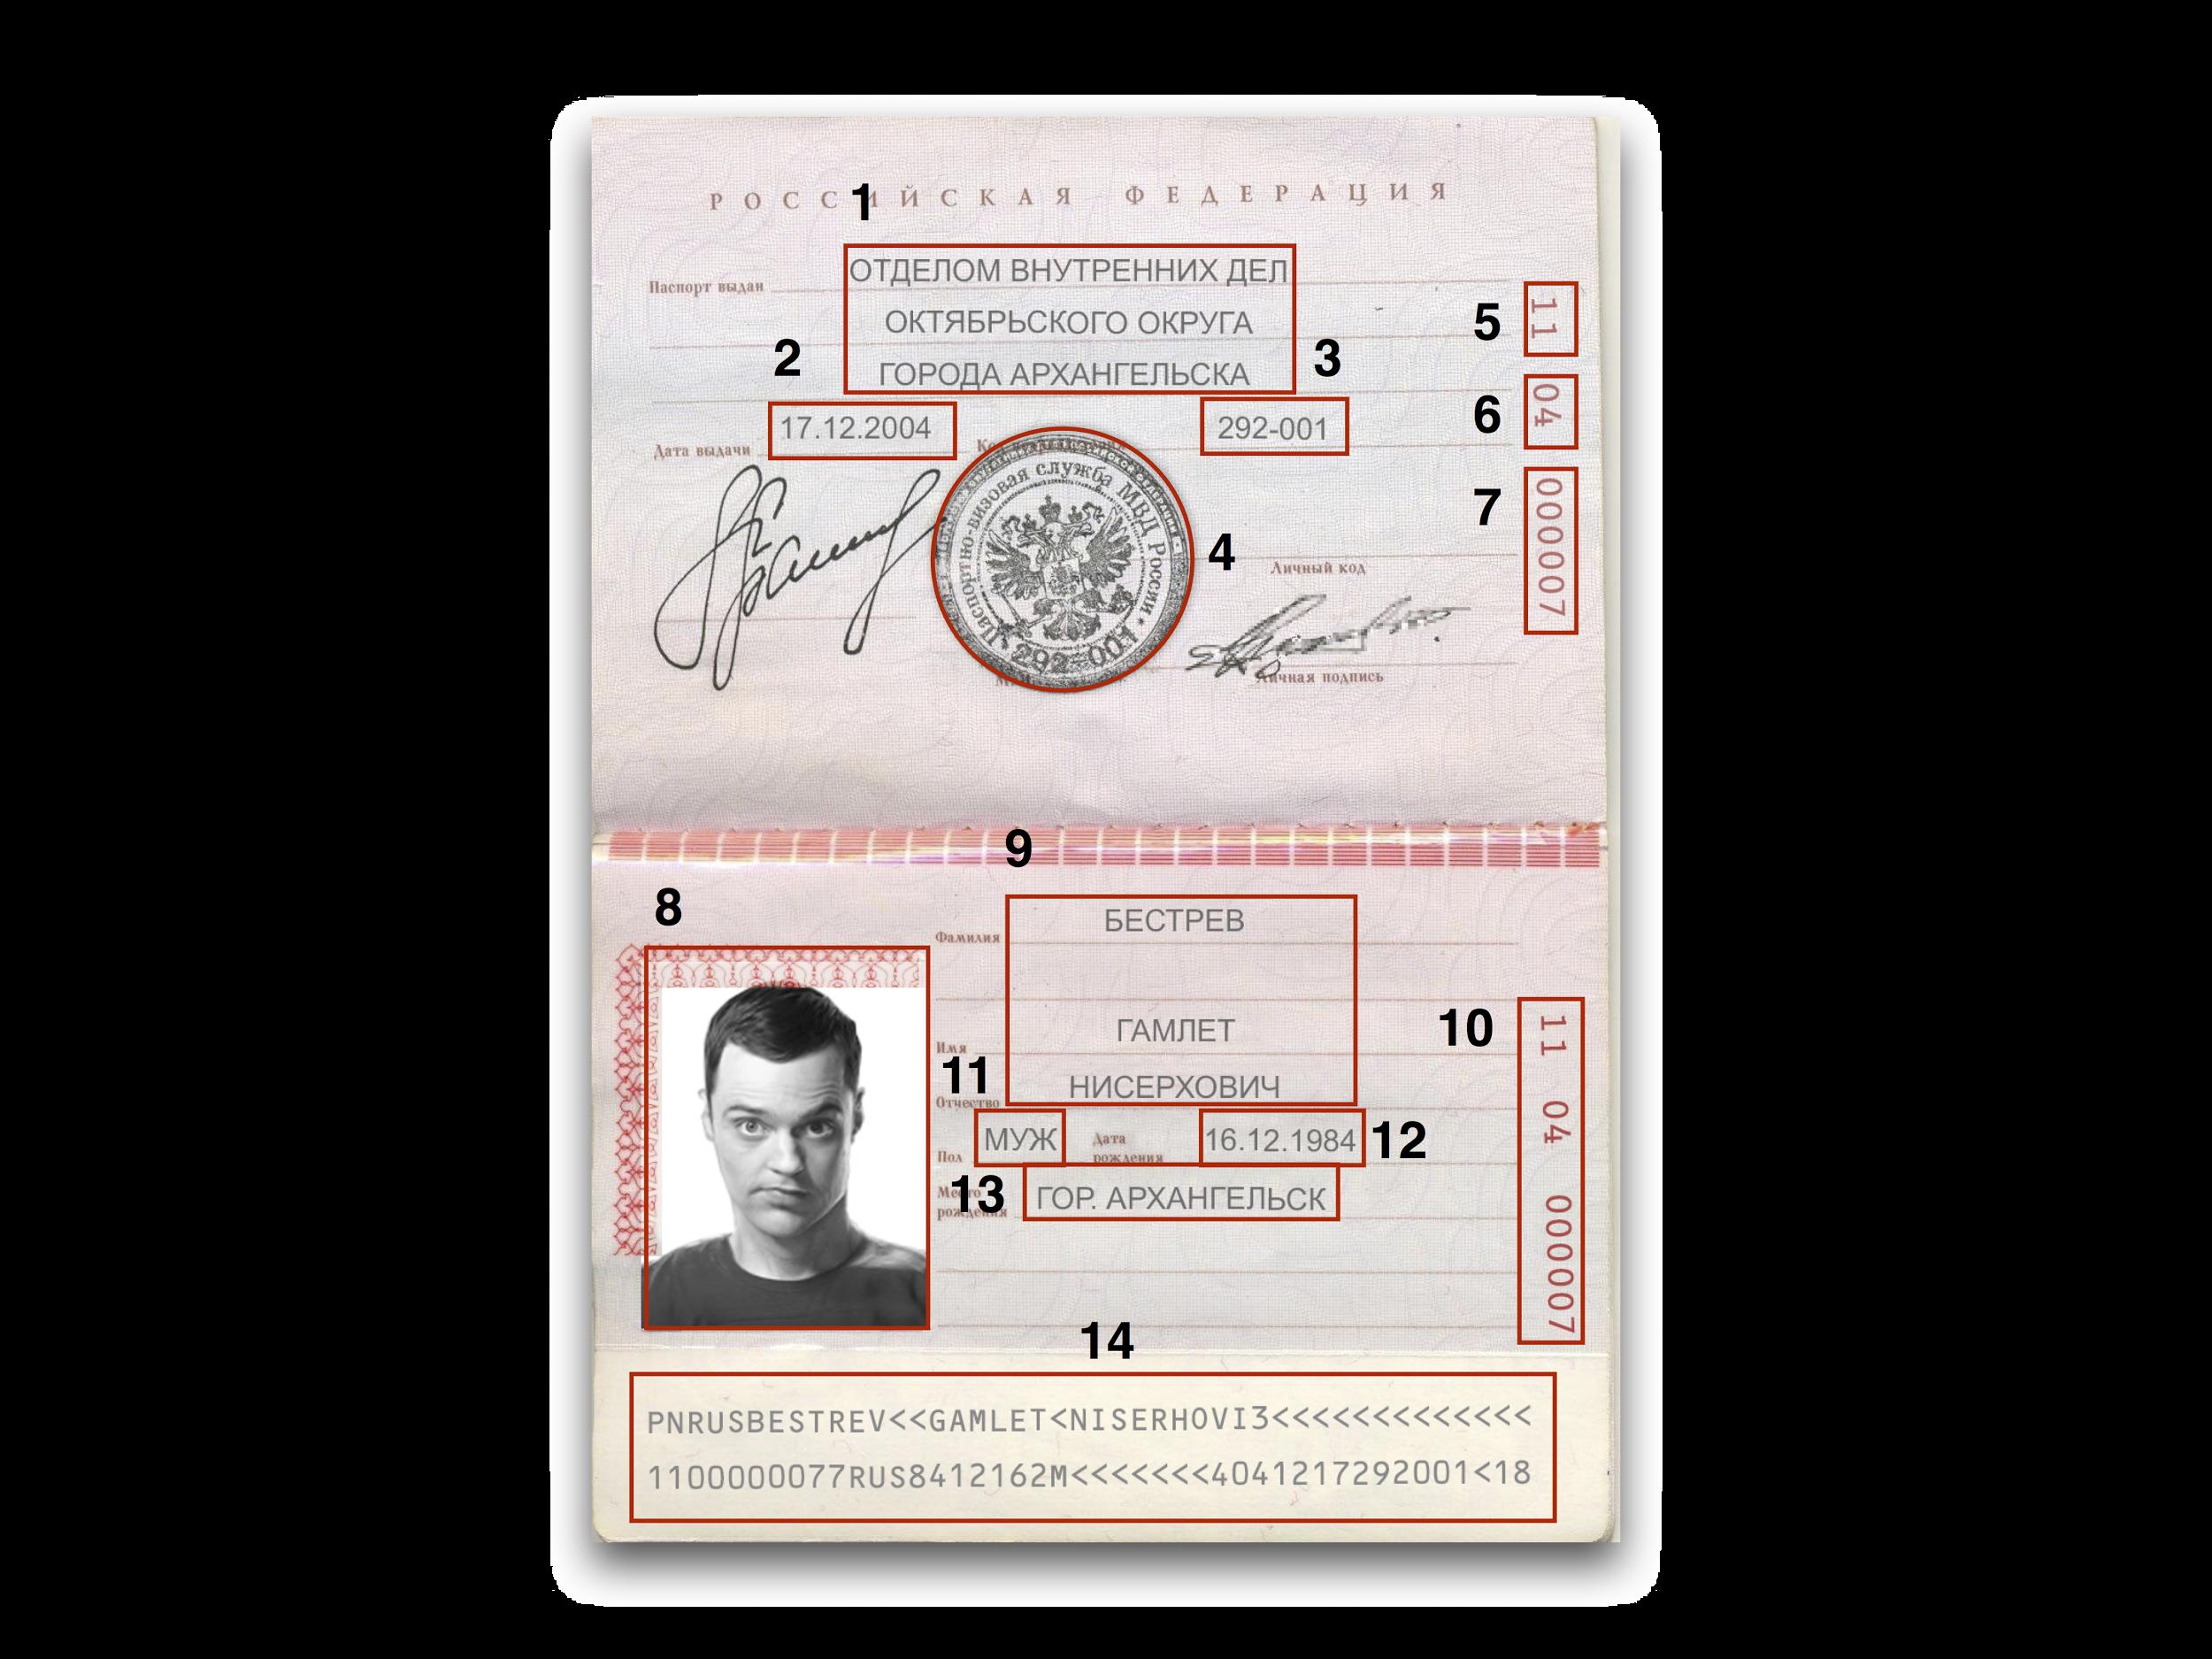 Как узнать дату выдачи паспорта